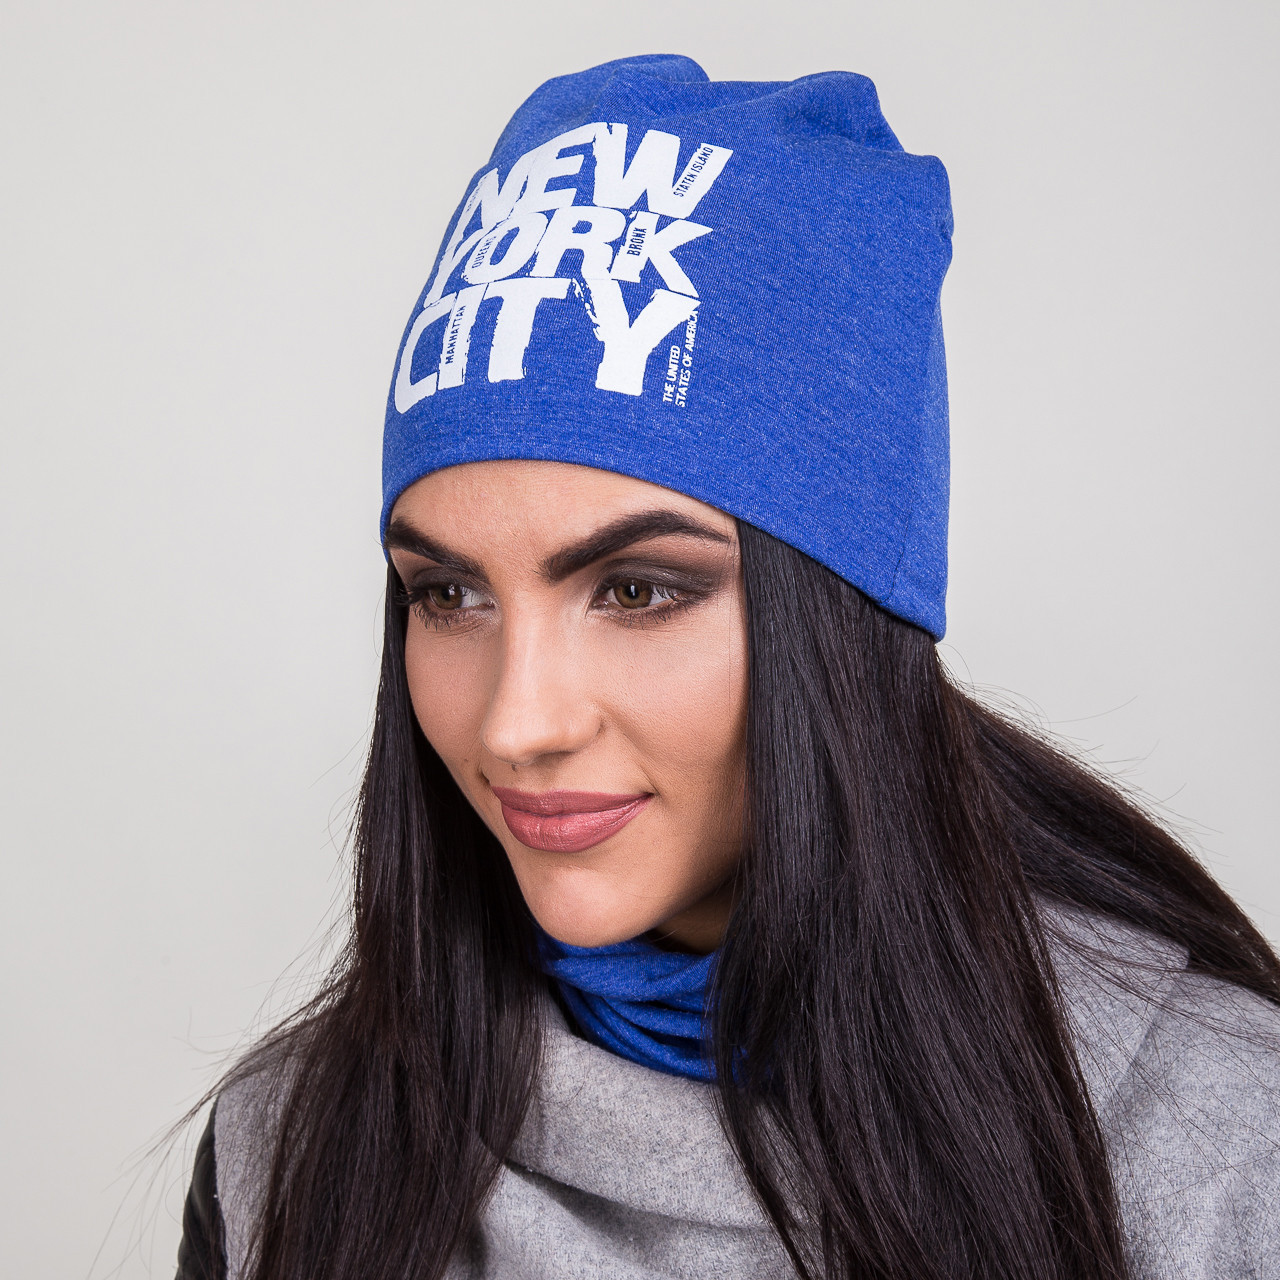 Брендовый женский комплект на весну - NEW YORK CITY - Артикул 2060с